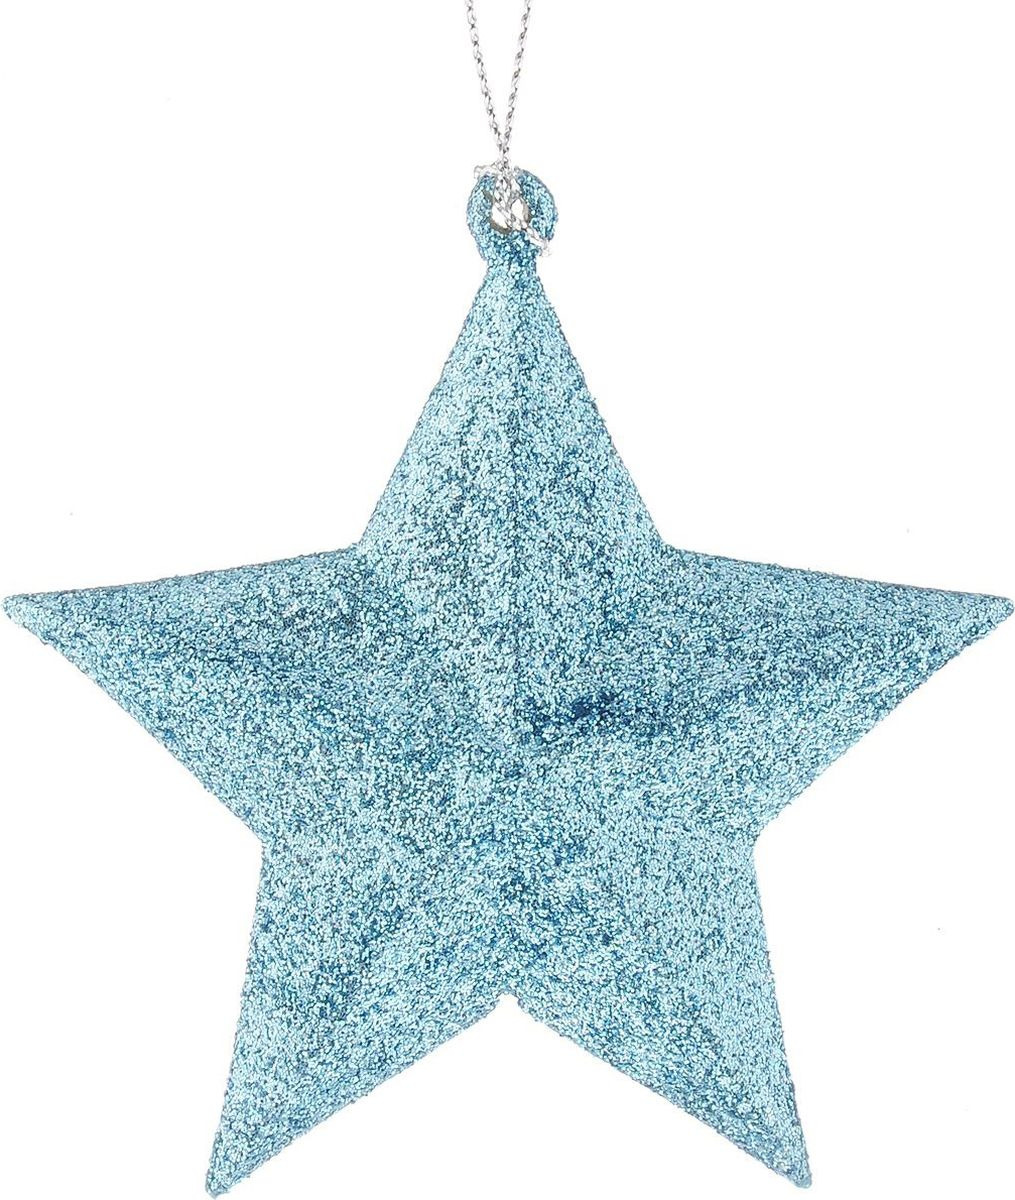 Новогоднее подвесное елочное украшение Magic Time Звезда, цвет: голубой, 10 x 9,5 x 3,5 см украшение елочное звезда барокко 8 8 см черный золотой 1 шт в пакете